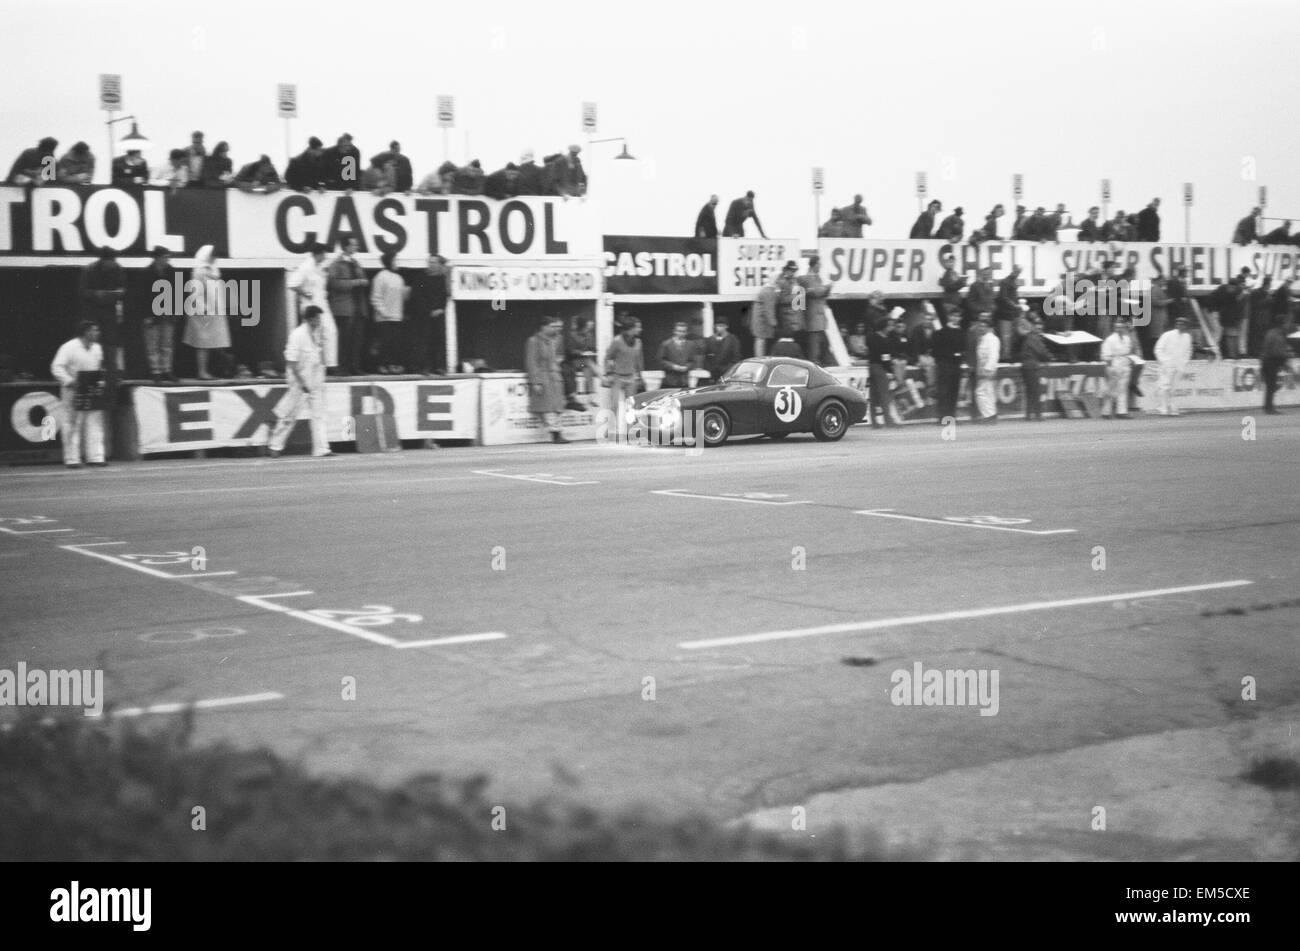 Nummer 31 Gruben während der Autosport 3 Stunden Ausdauer-Rennen in Snetterton. 29. September 1962 Stockbild